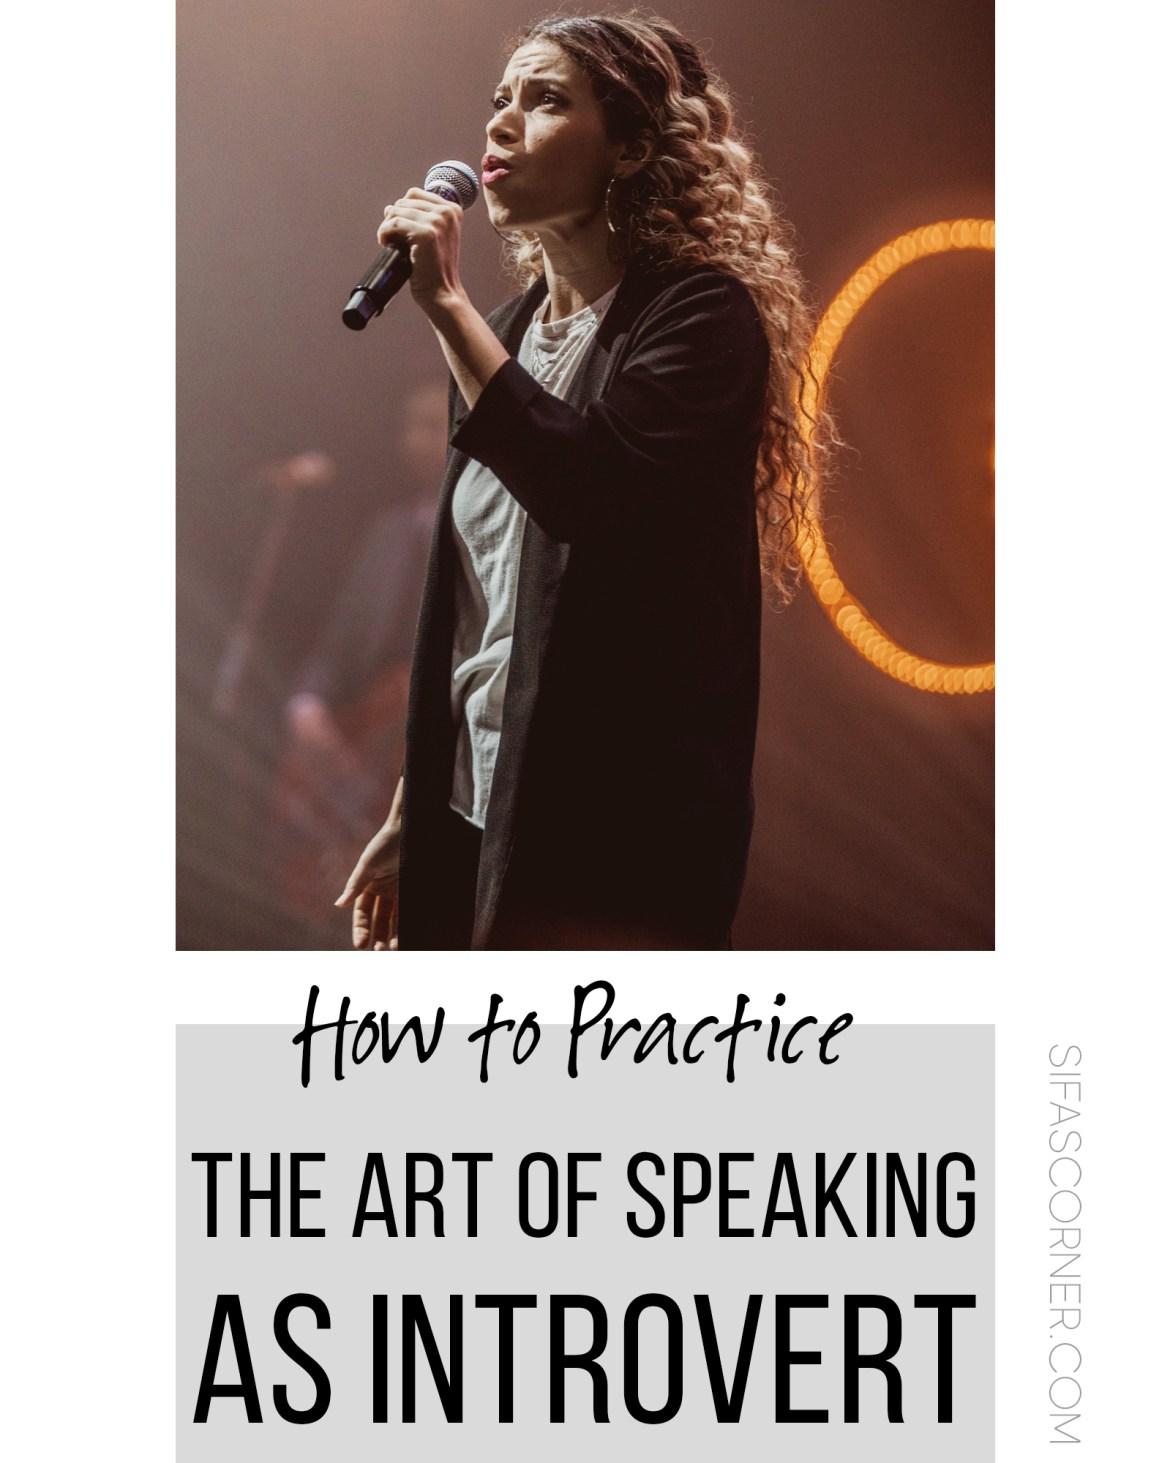 how to practice art of speaking